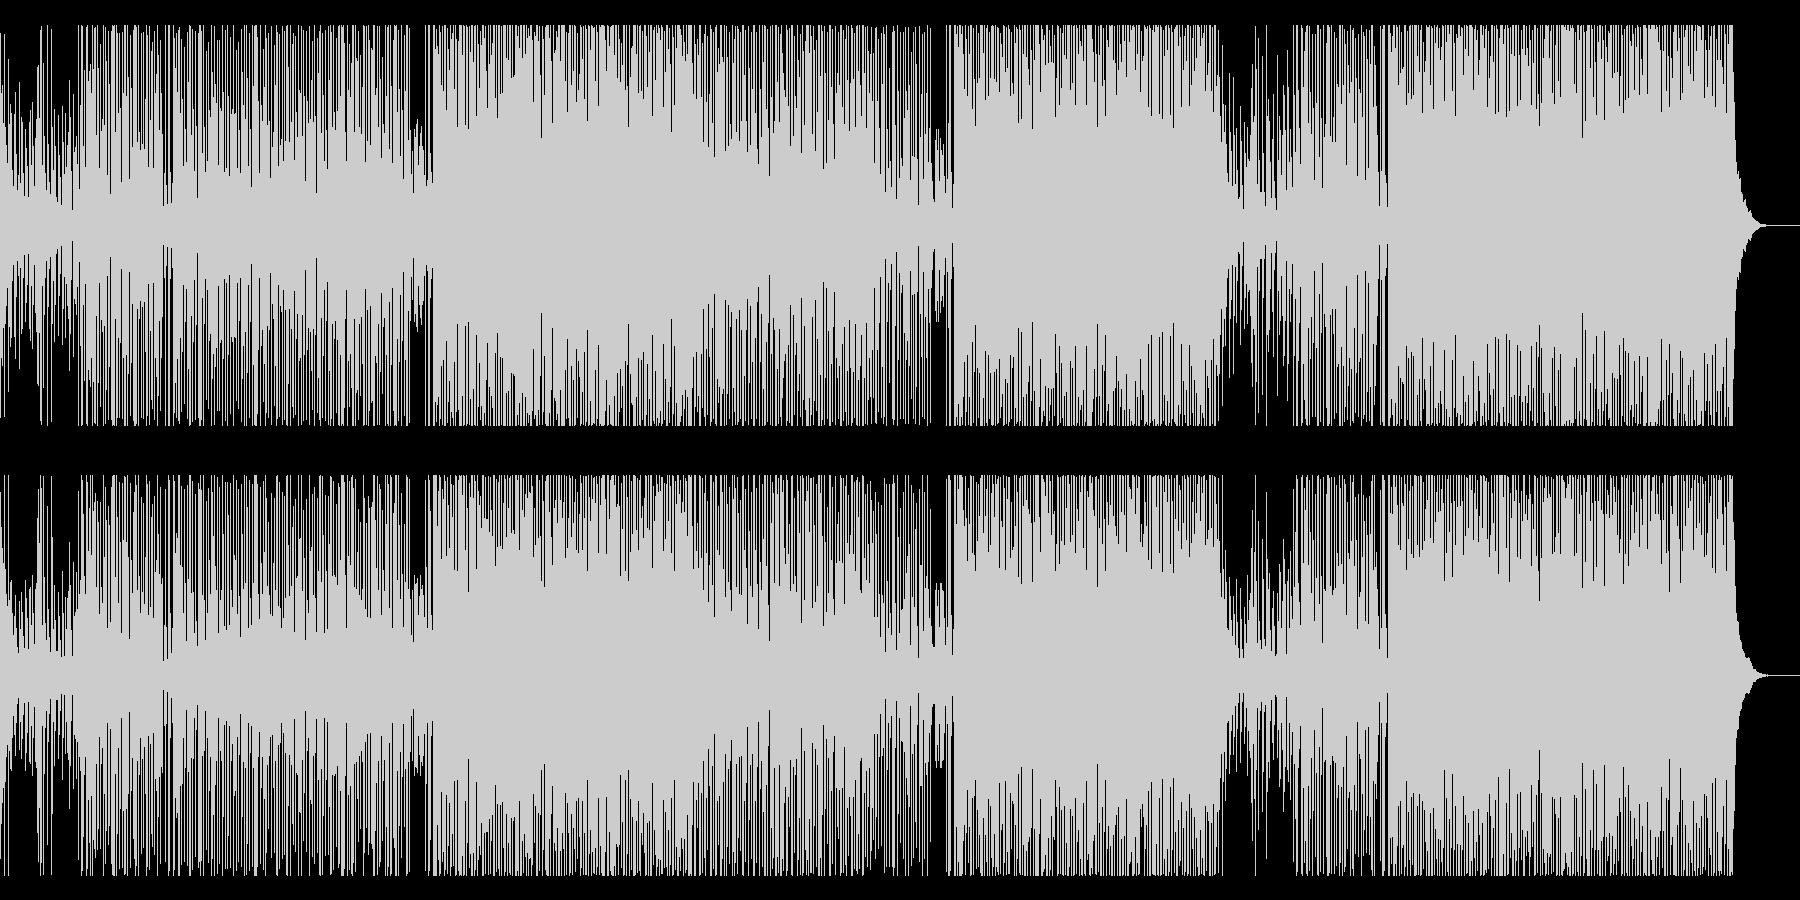 トロピカルEDMなサウンドの曲の未再生の波形